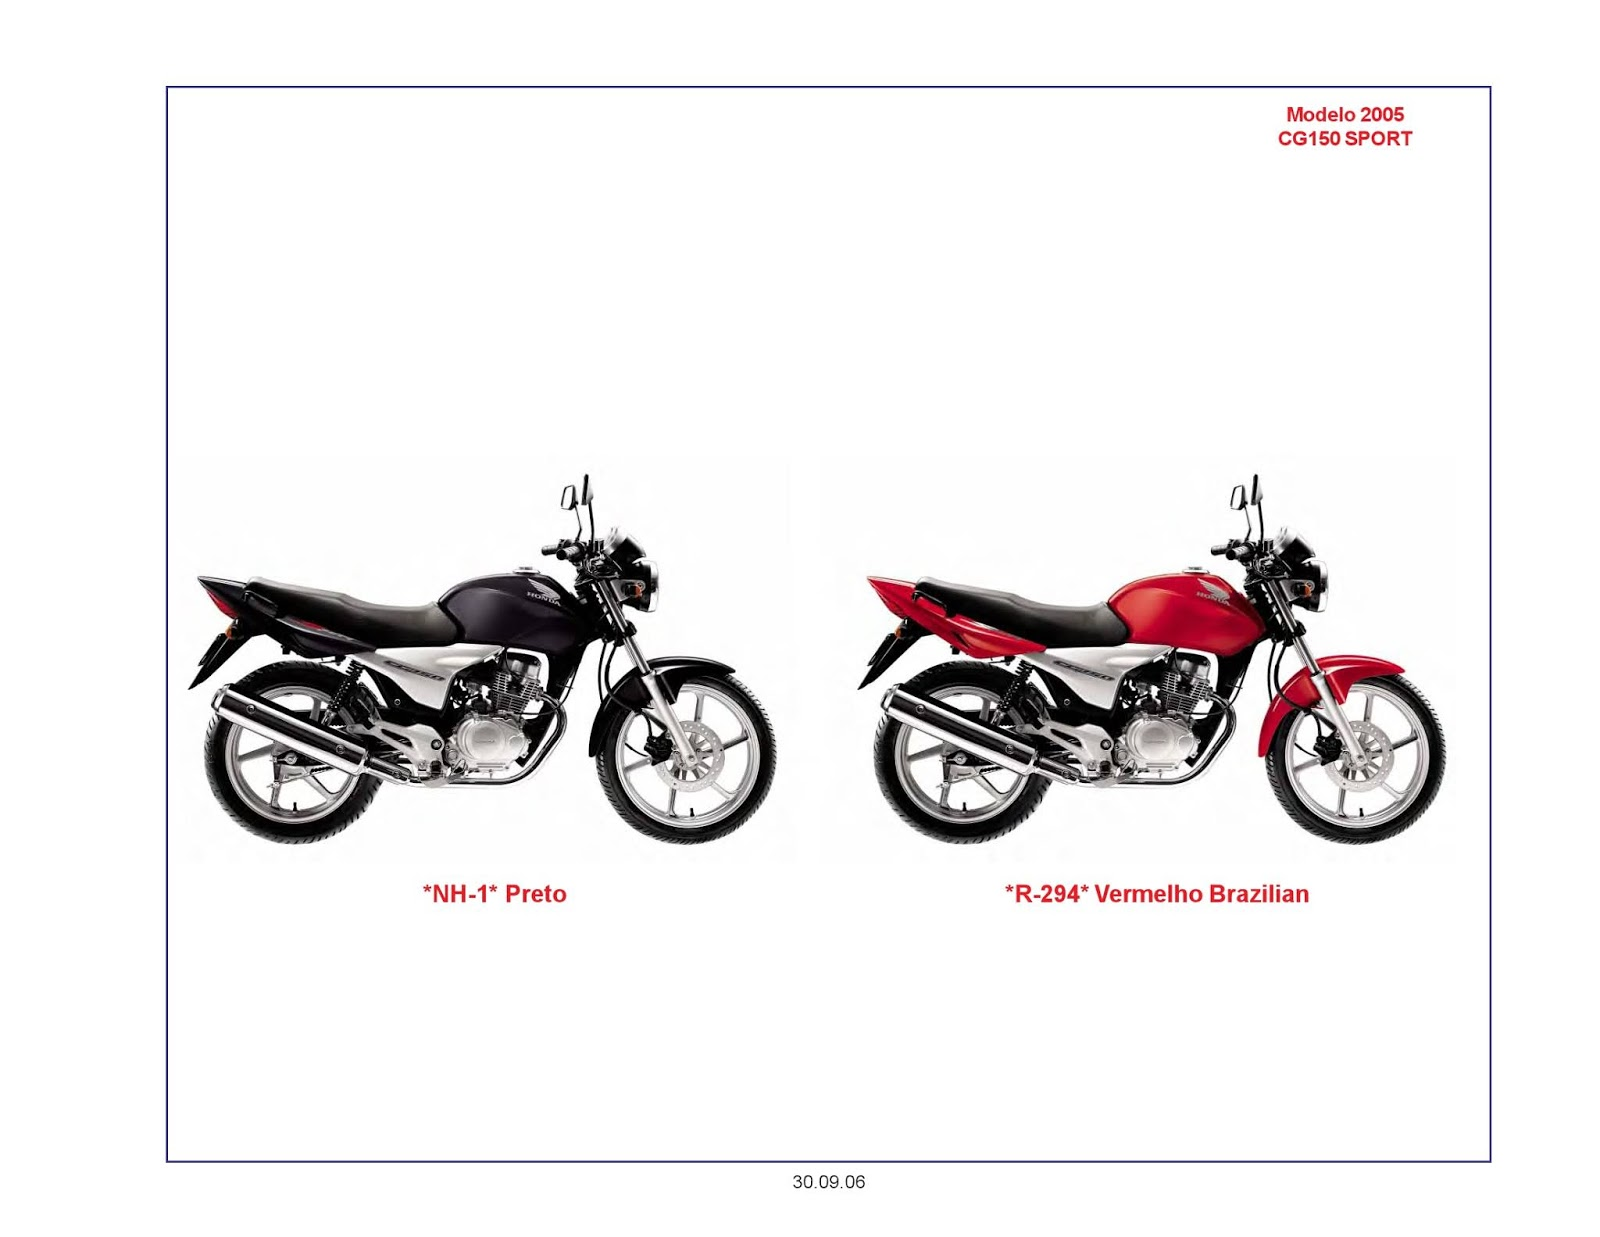 MANUAL DA SUA MOTO: CATÁLOGO DE PEÇAS HONDA CG 150 TITAN